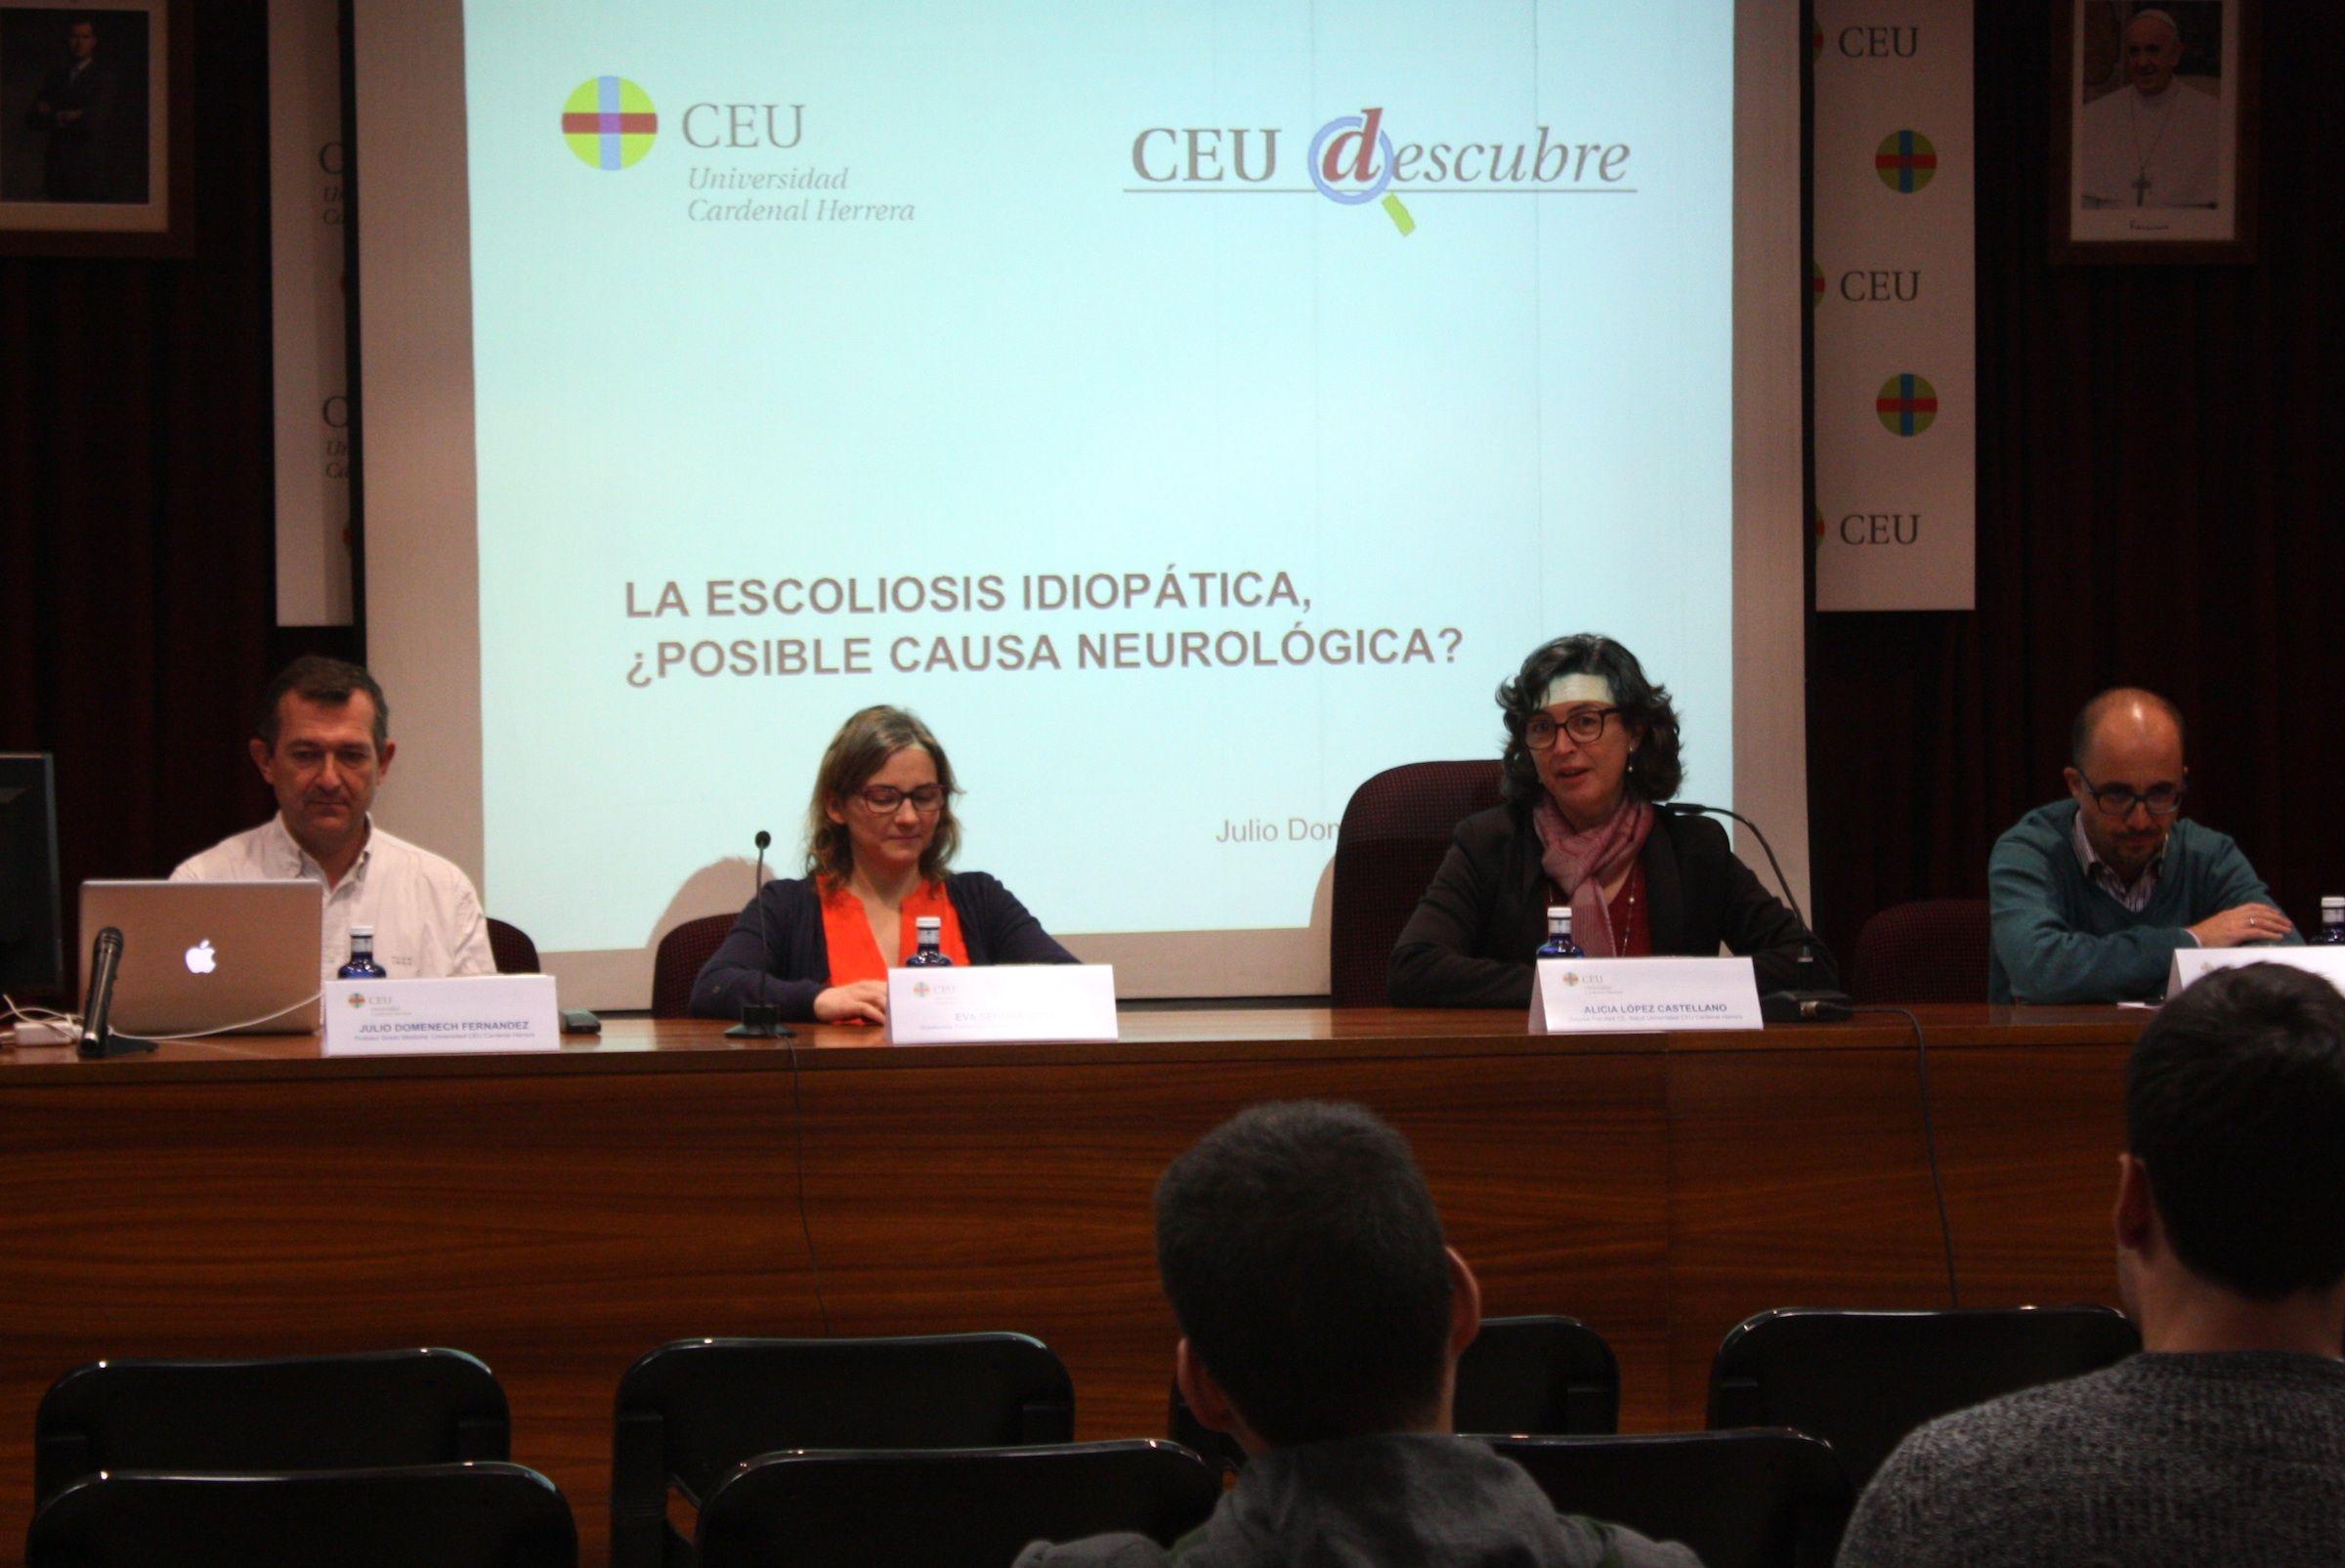 El ponente, Julio Doménech, junto a la vicedecana de Fisioterapia, Eva Segura, la decana de la Facultad de Ciencias de la Salud, Alicia López, y el profesor Enric Poch, organizador de CEU Descubre.